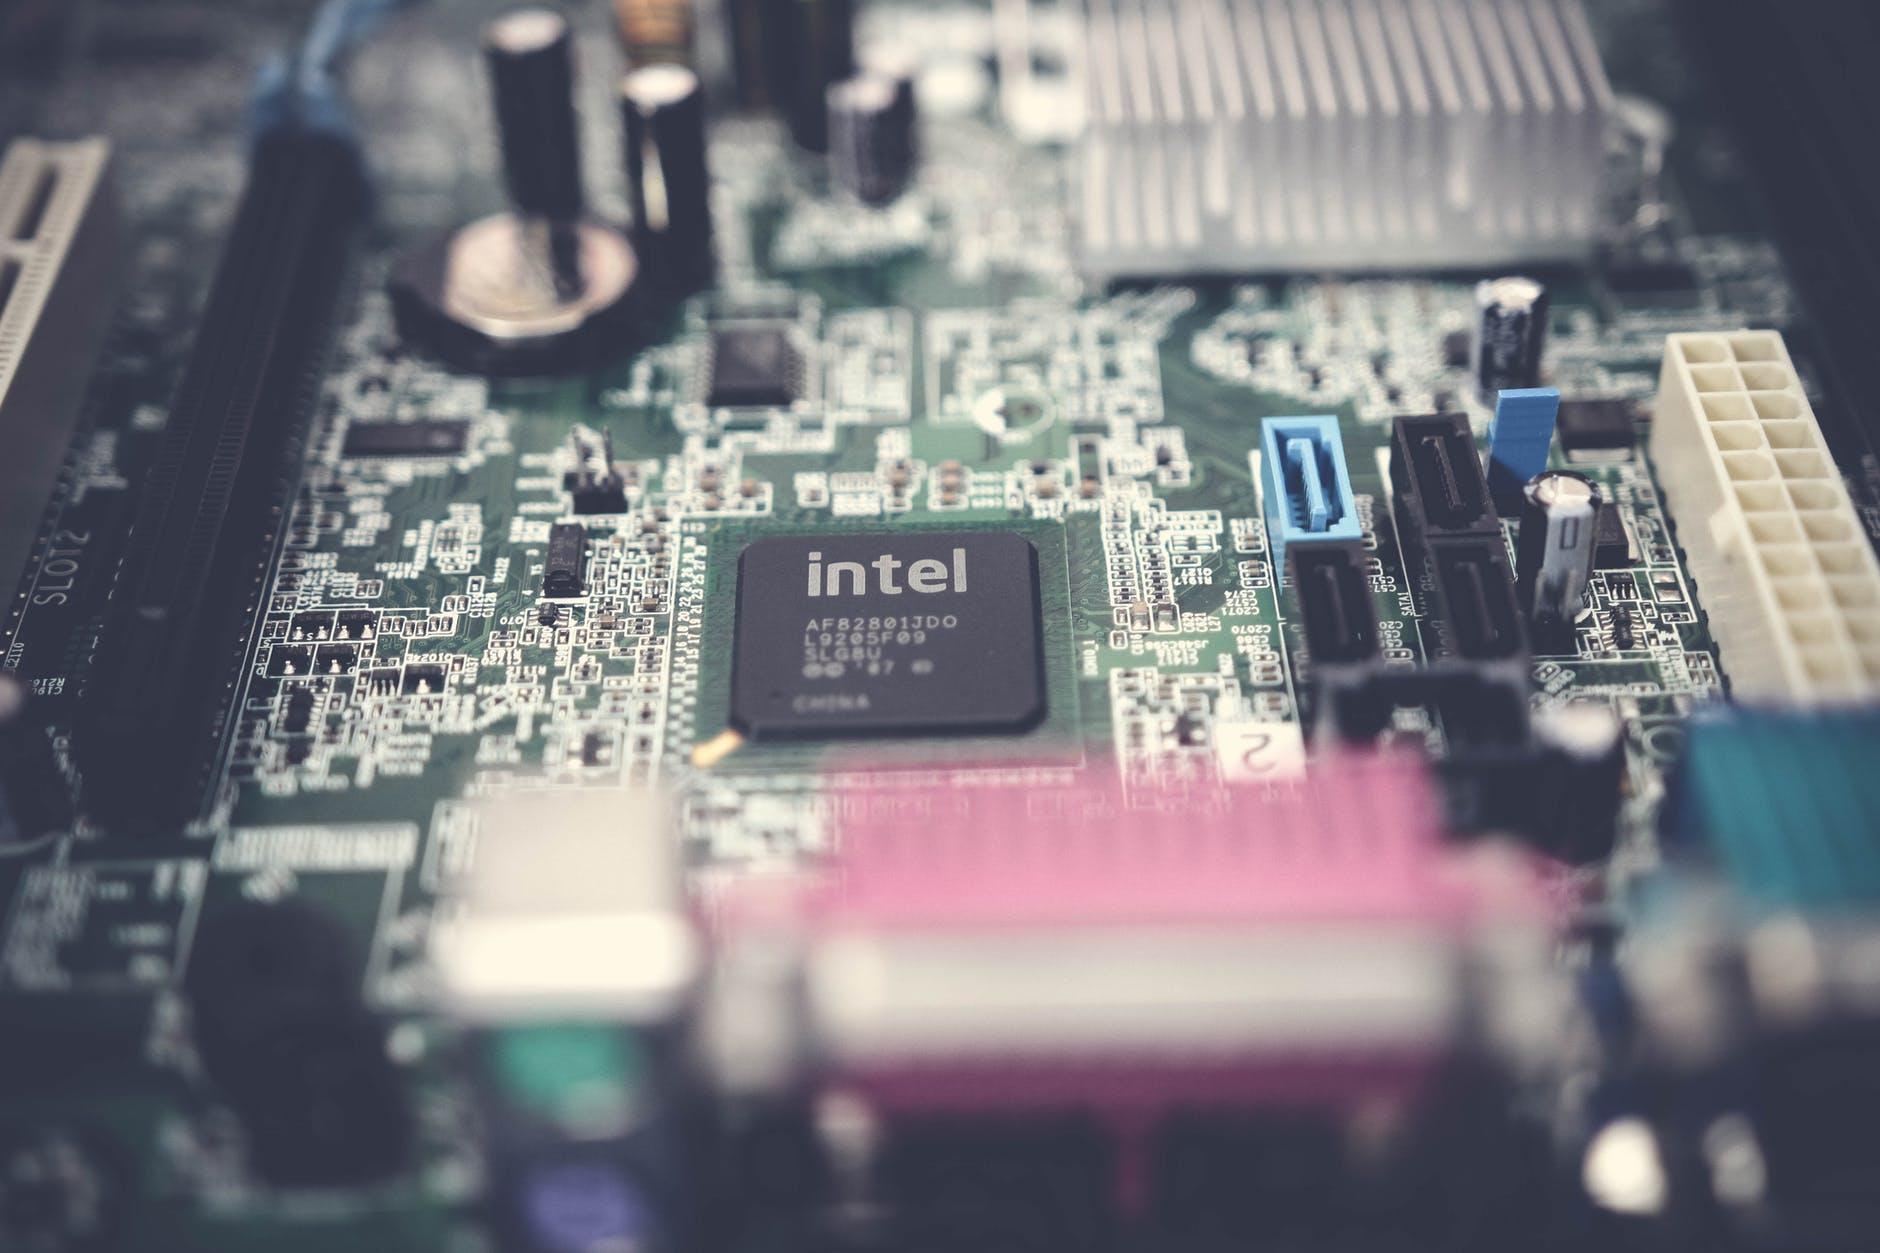 如何看懂 Intel 10代处理器 型号分享